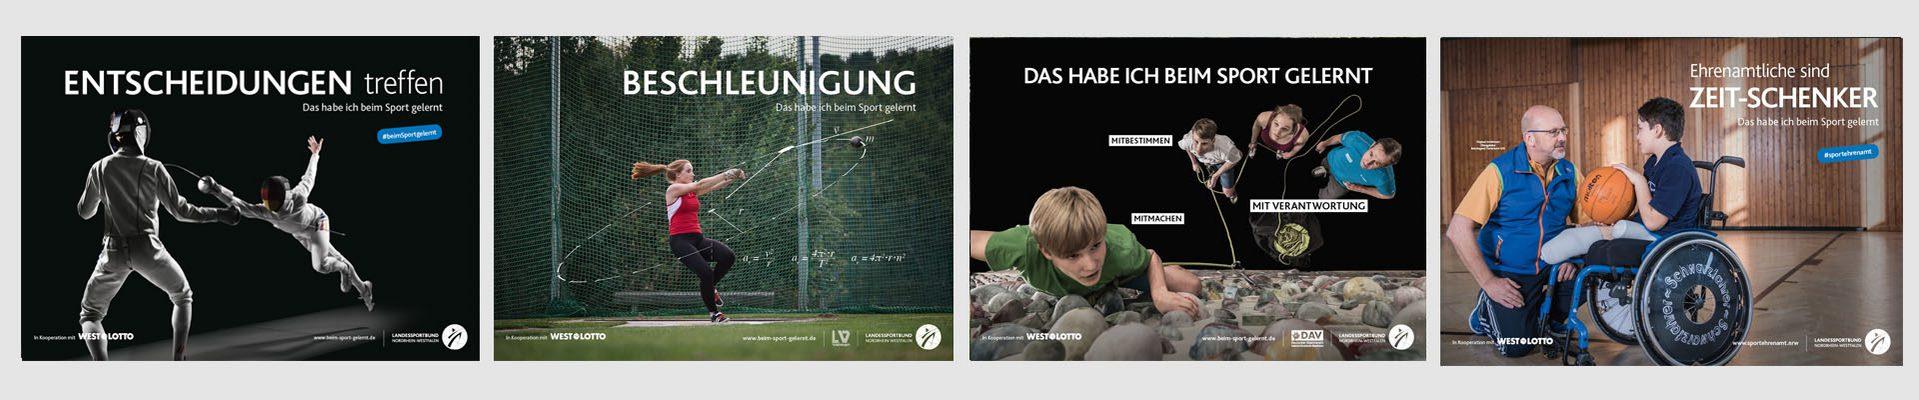 """Bildmotivserie zur Kampagne """"Das habe ich beim Sport gelernt"""""""